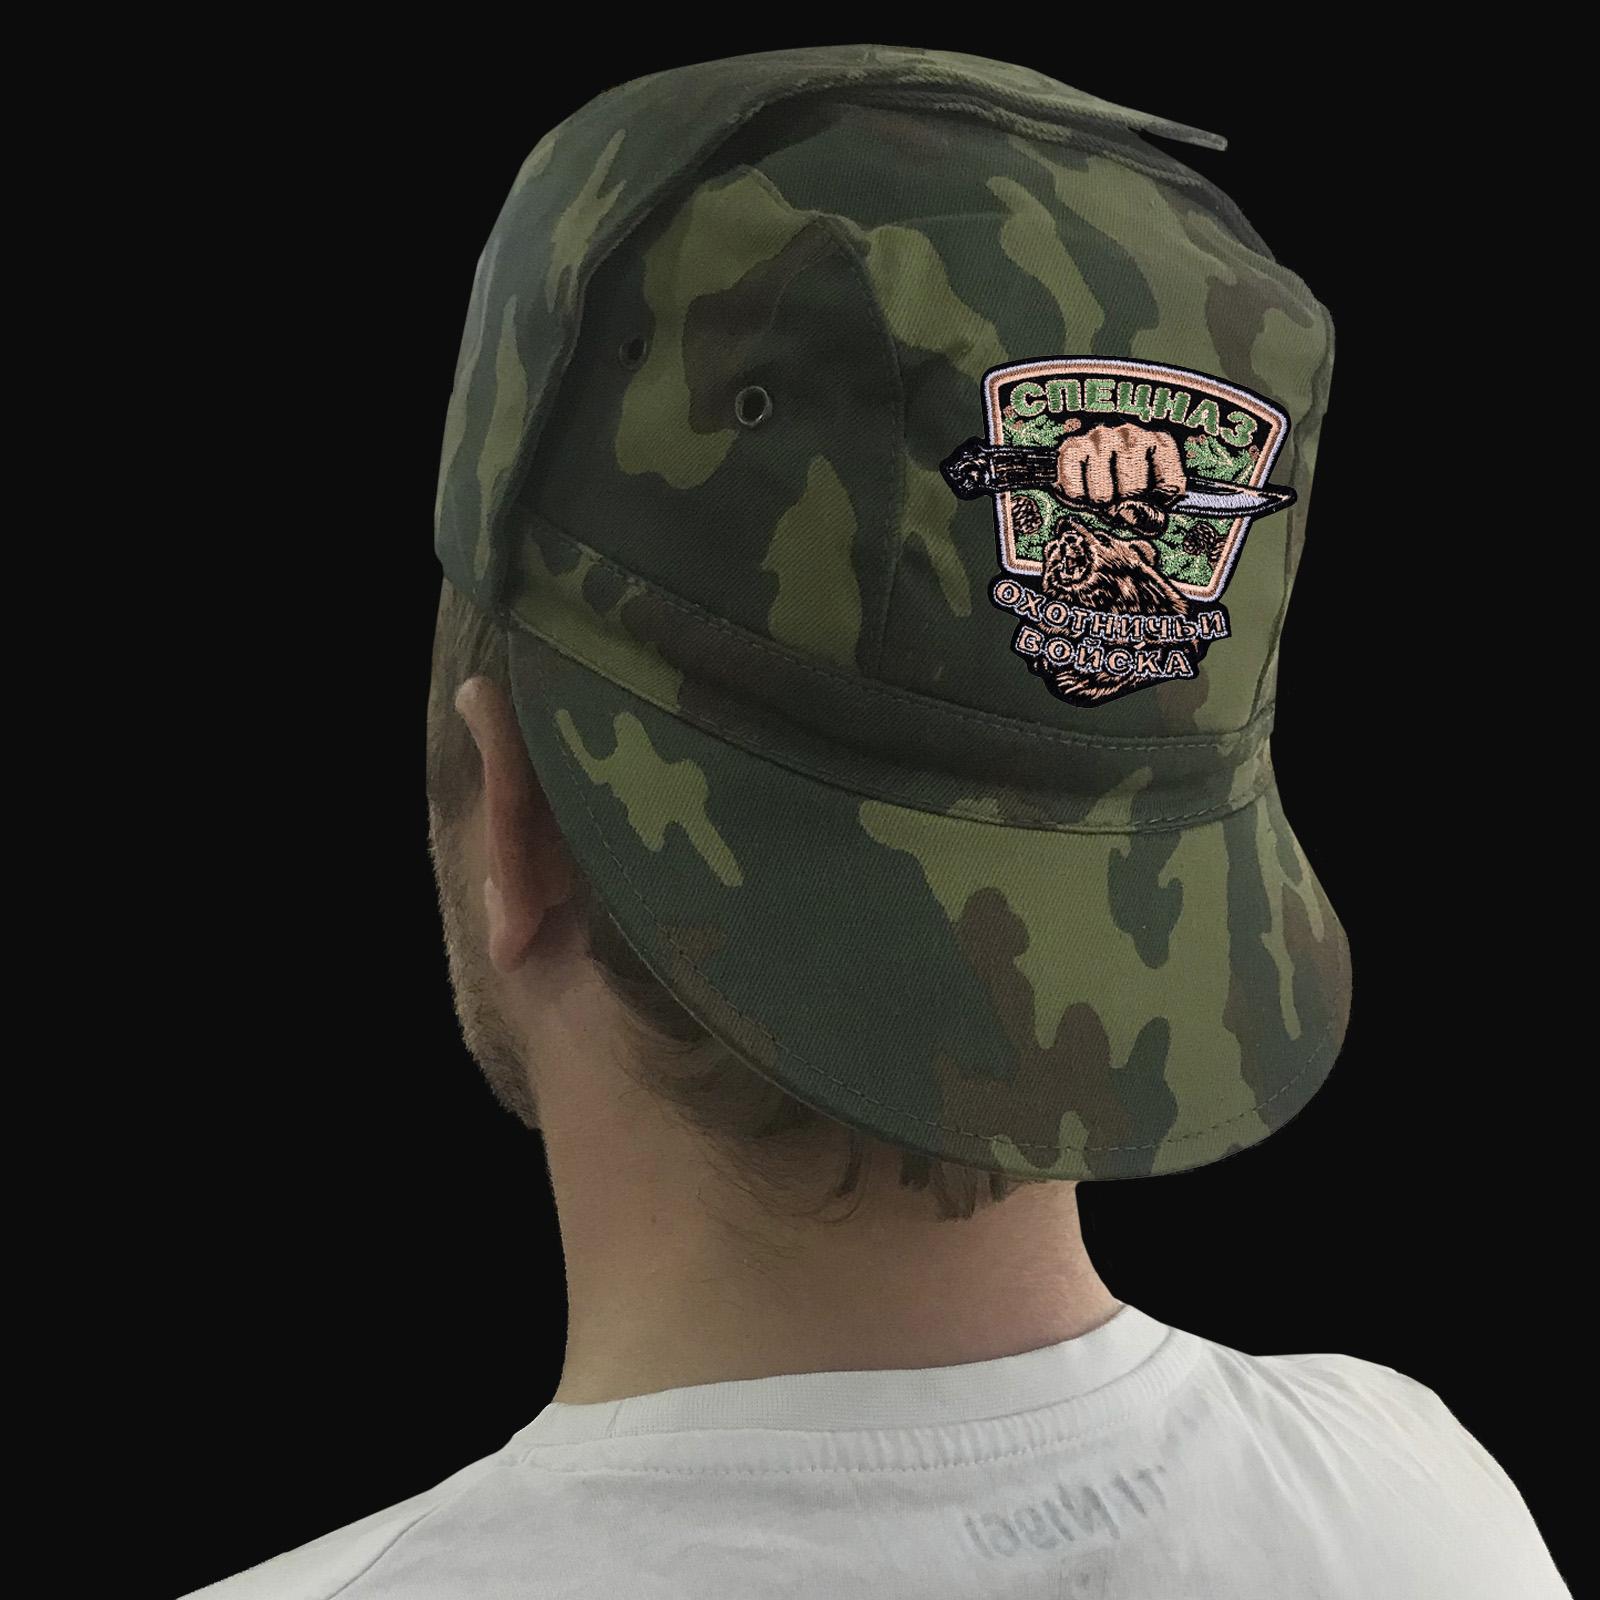 Мужская натуральная кепка с вышивкой «Спецназ Охотничьих войск»